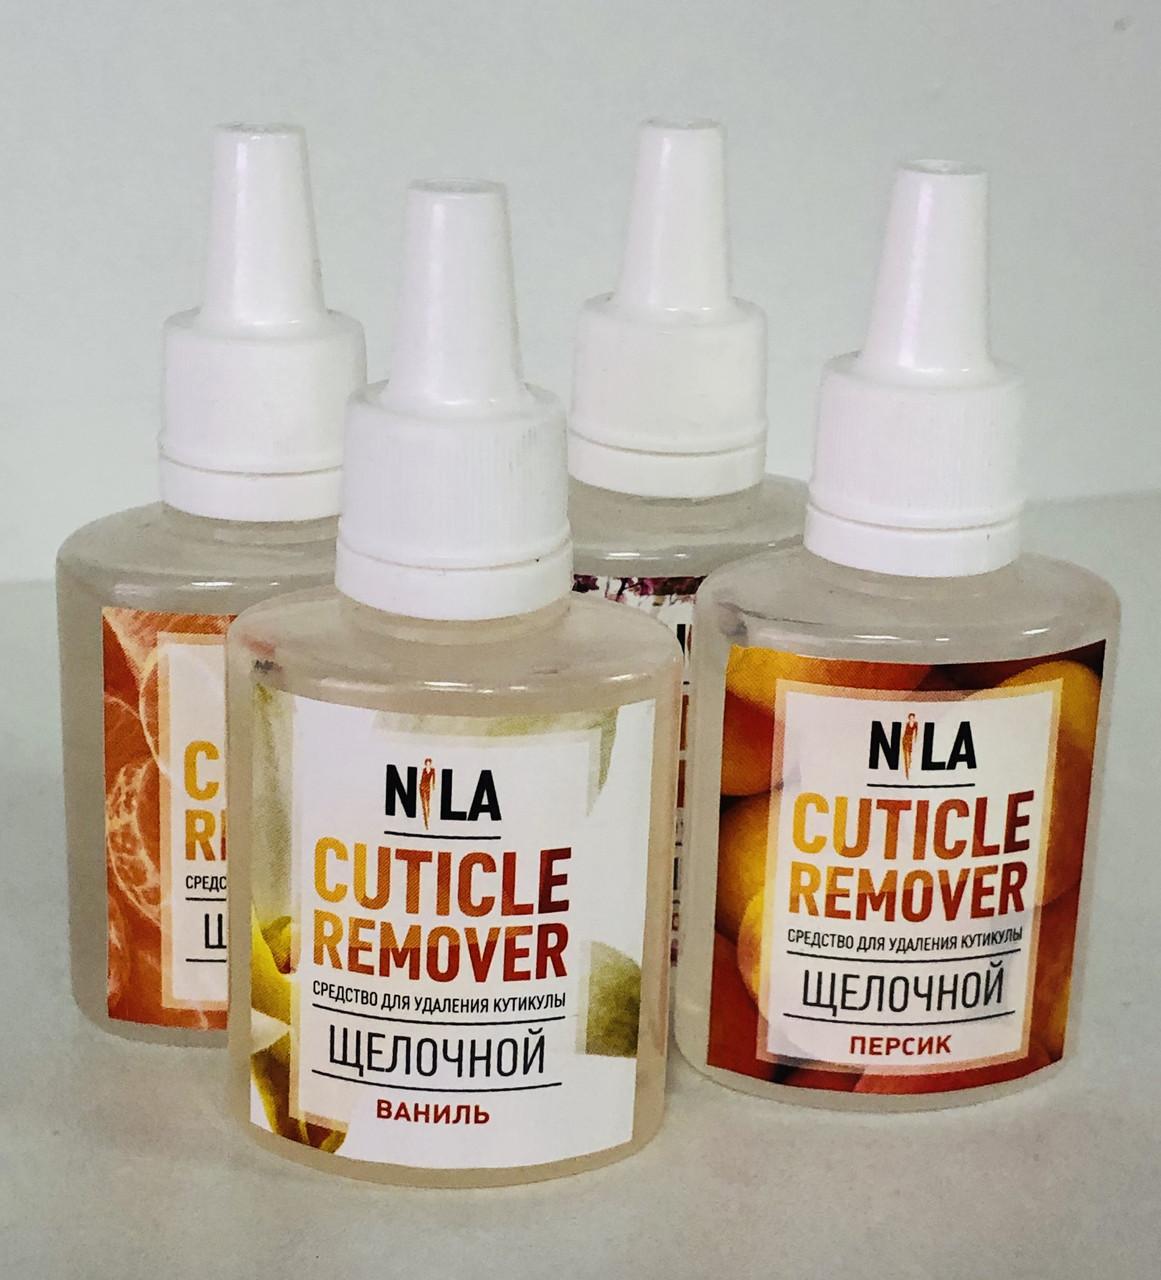 Щелочной кутикул ремувер Cuticle Remover для размягчения кутикулы - в ассортименте, 30 мл